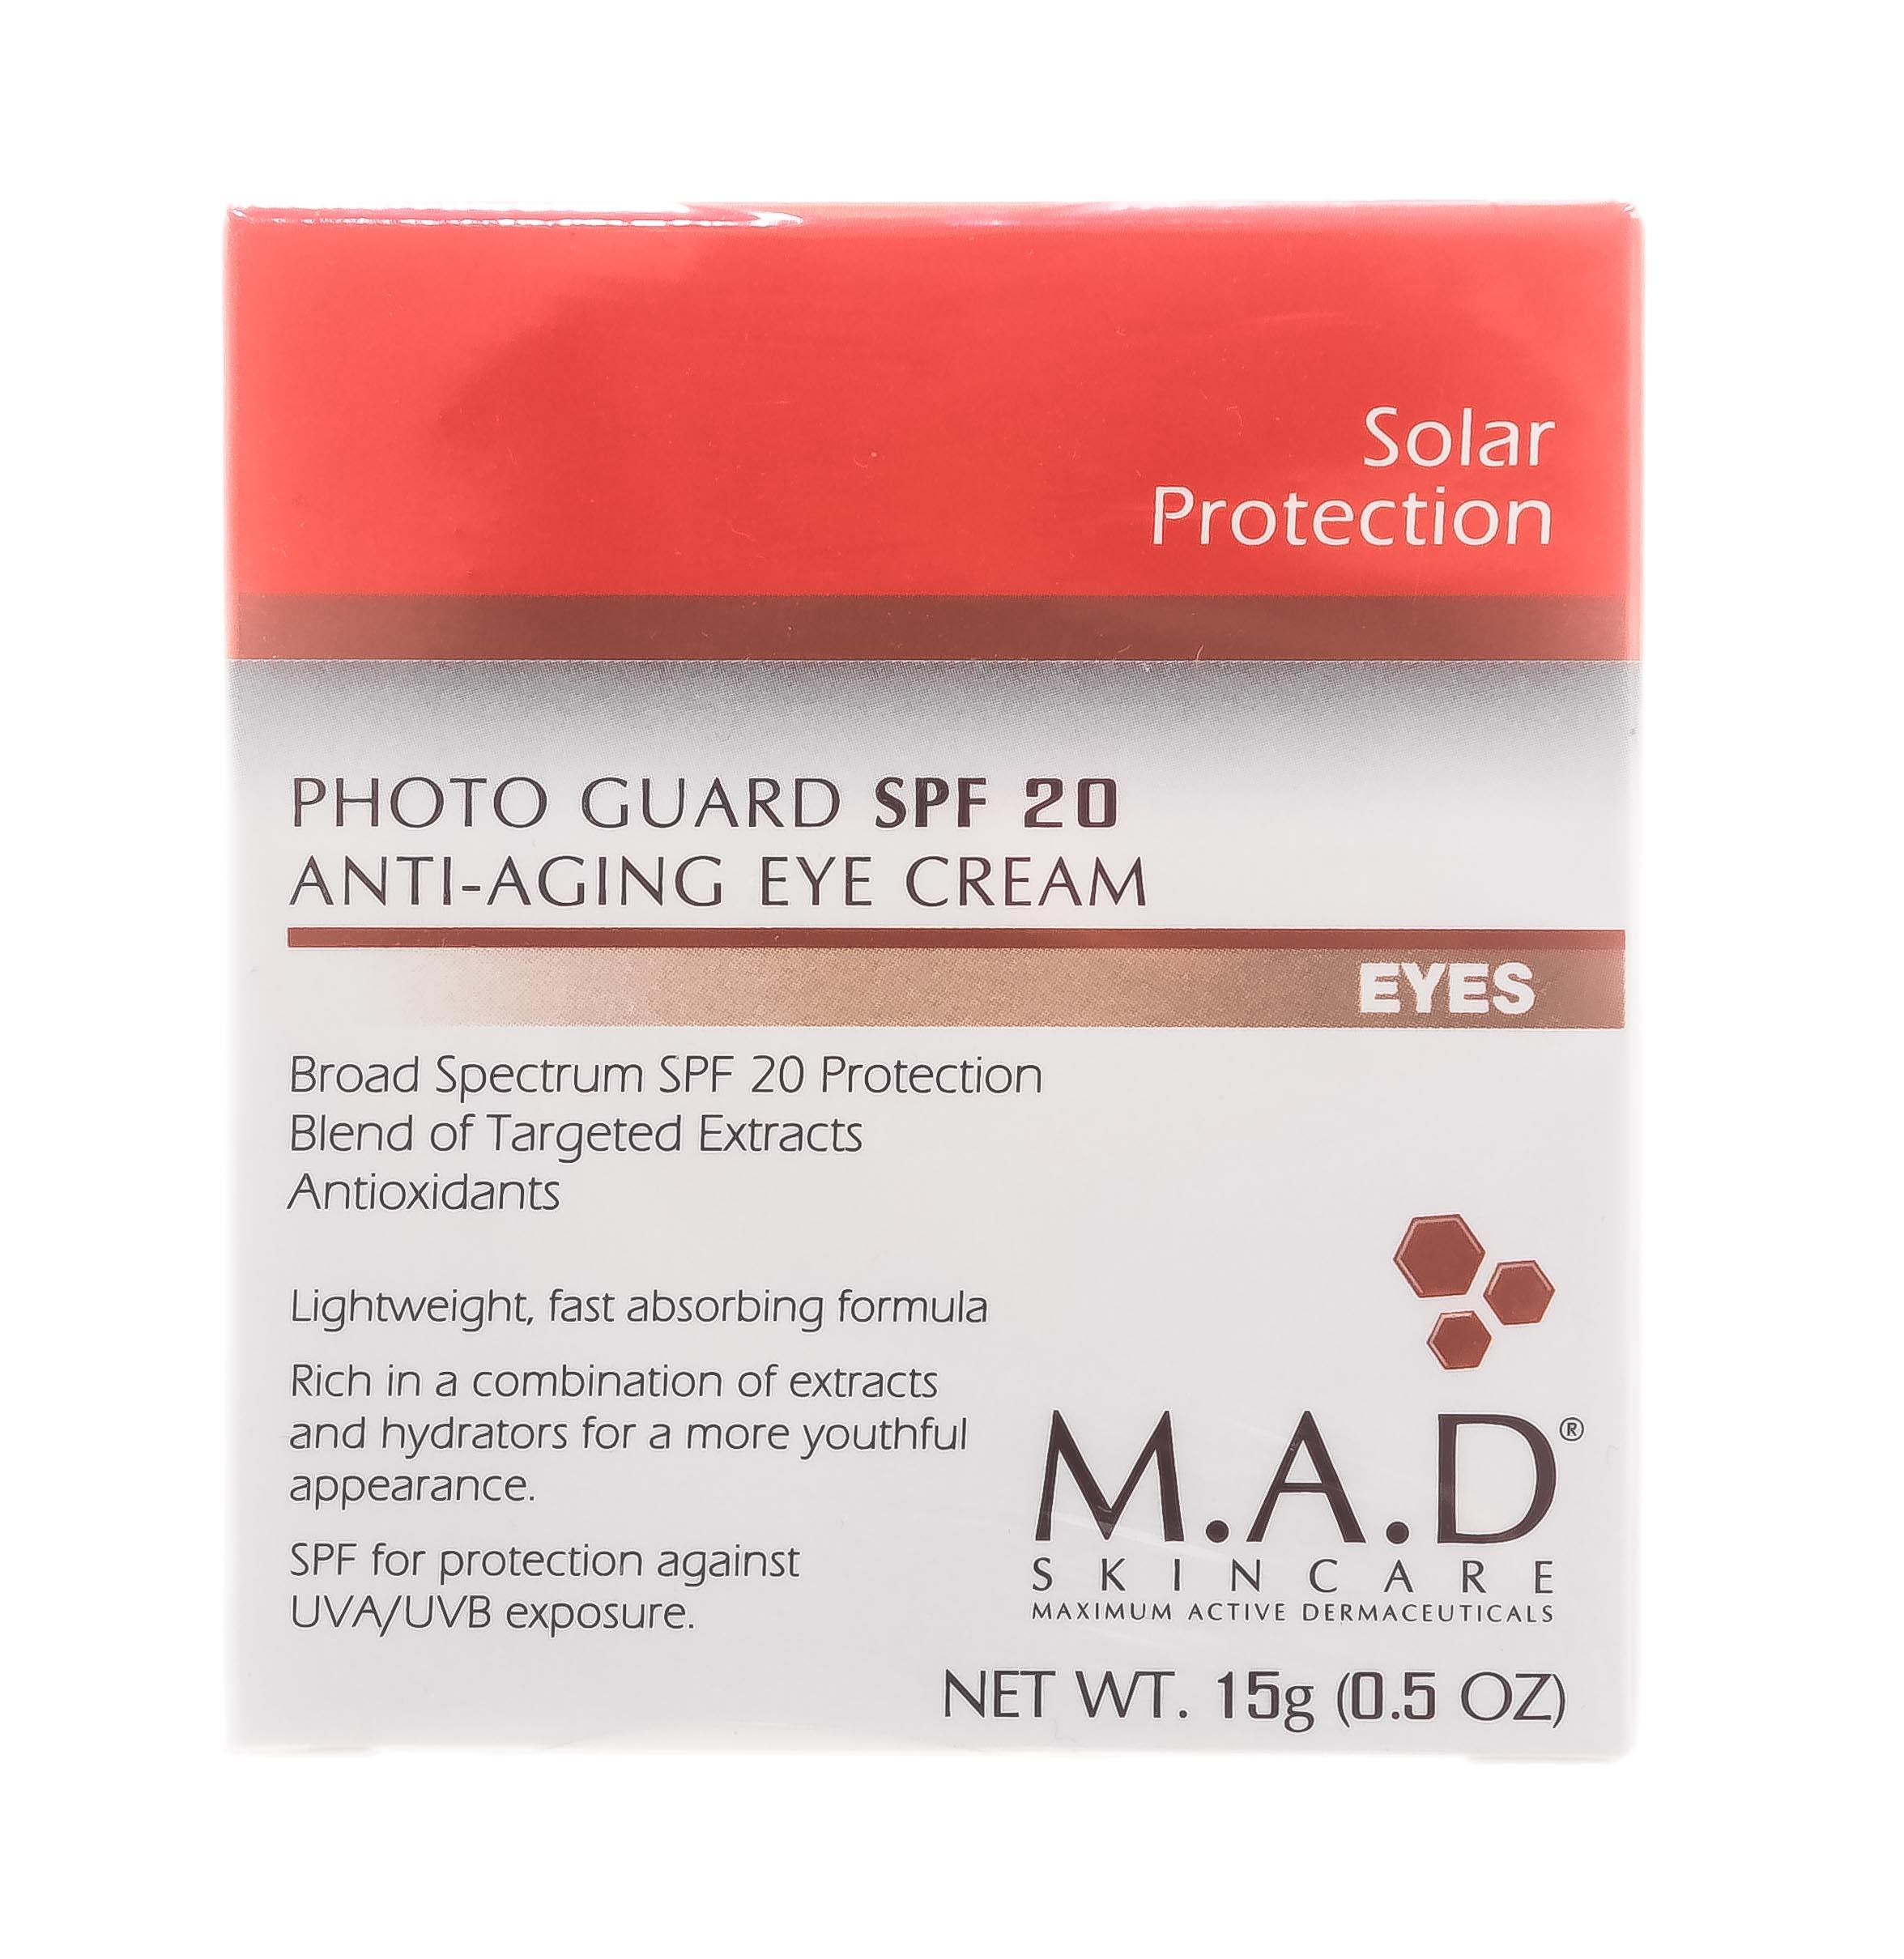 Купить M.A.D. Антивозрастной крем для глаз с защитой spf 20, 15 гр (M.A.D., )